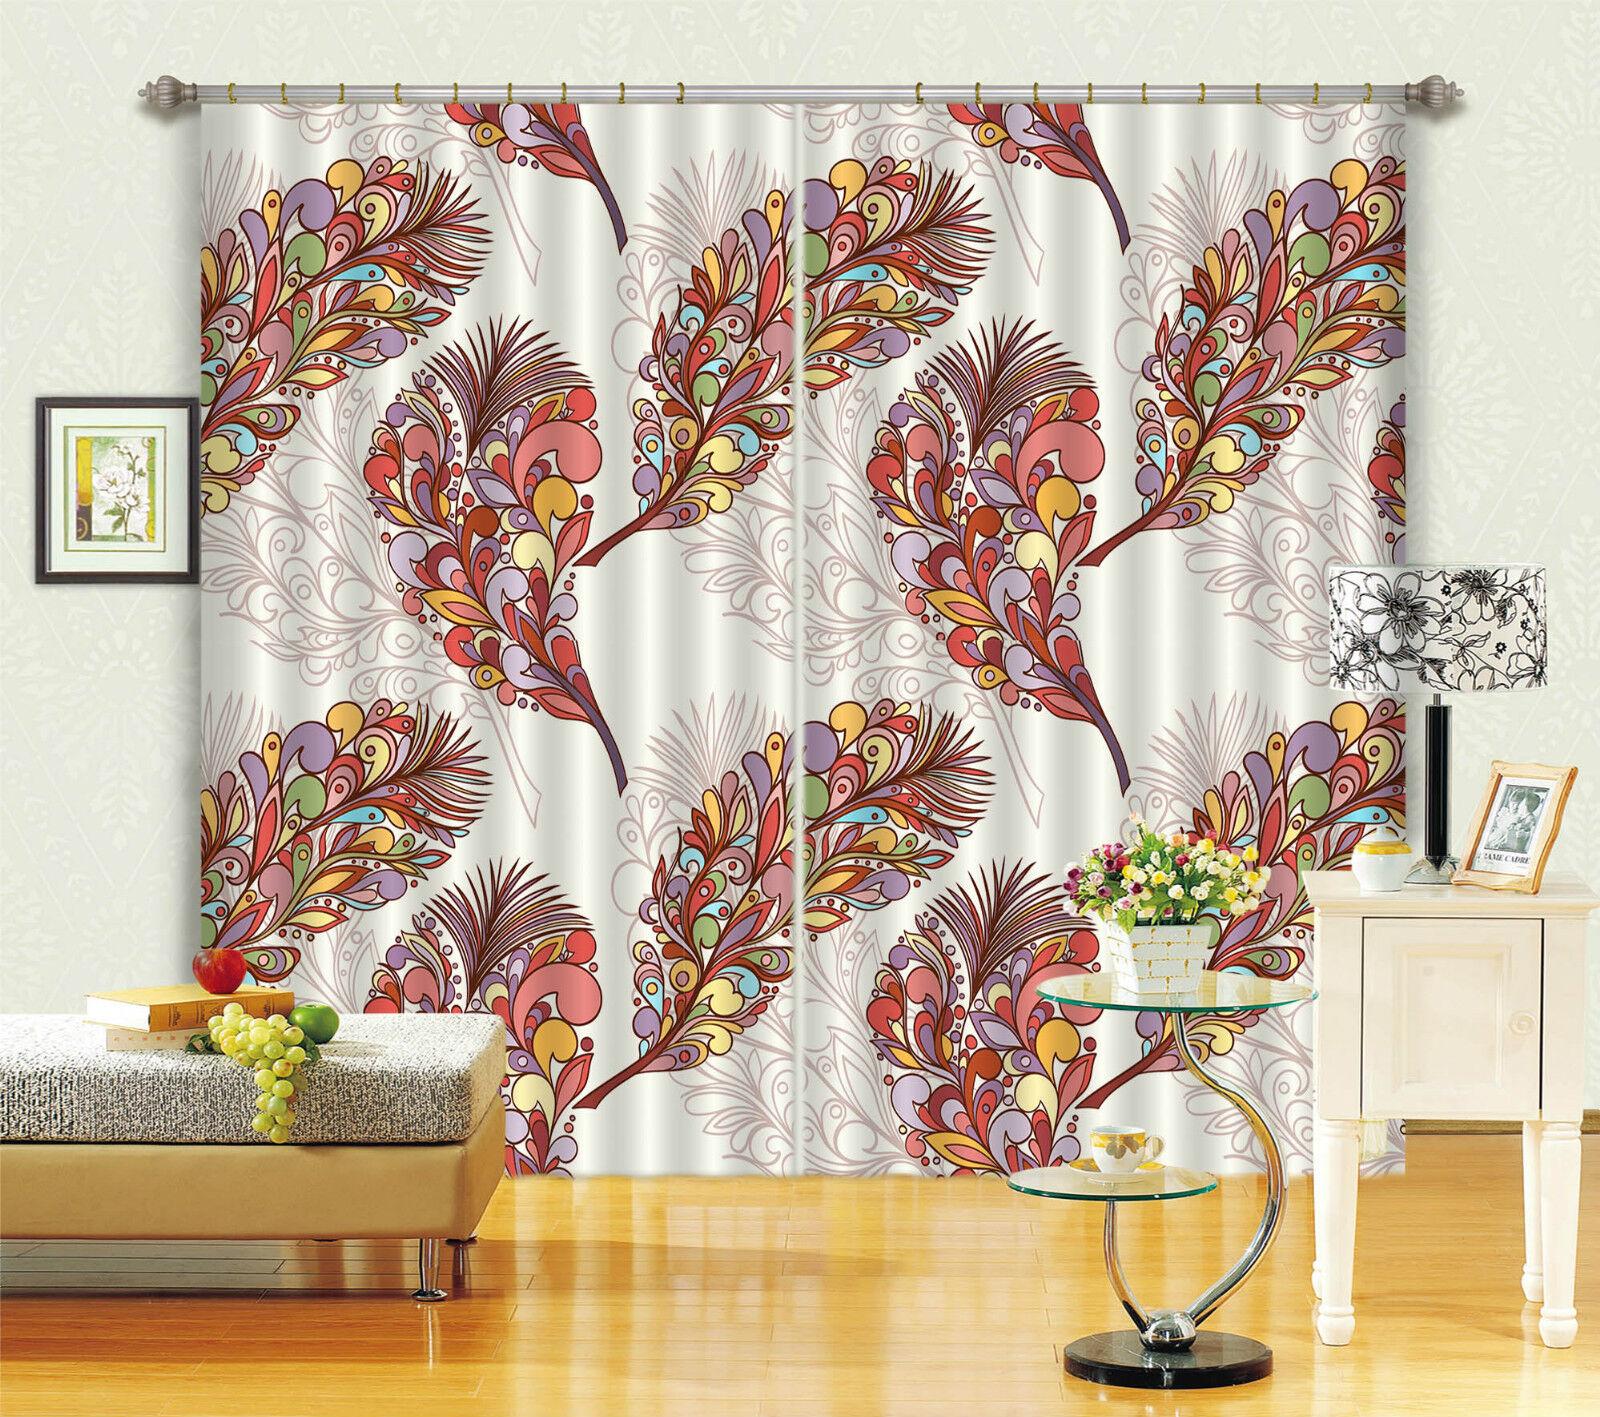 Plumas de 3D 514 Cortinas de impresión de cortina de foto Blockout Tela Cortinas Ventana CA